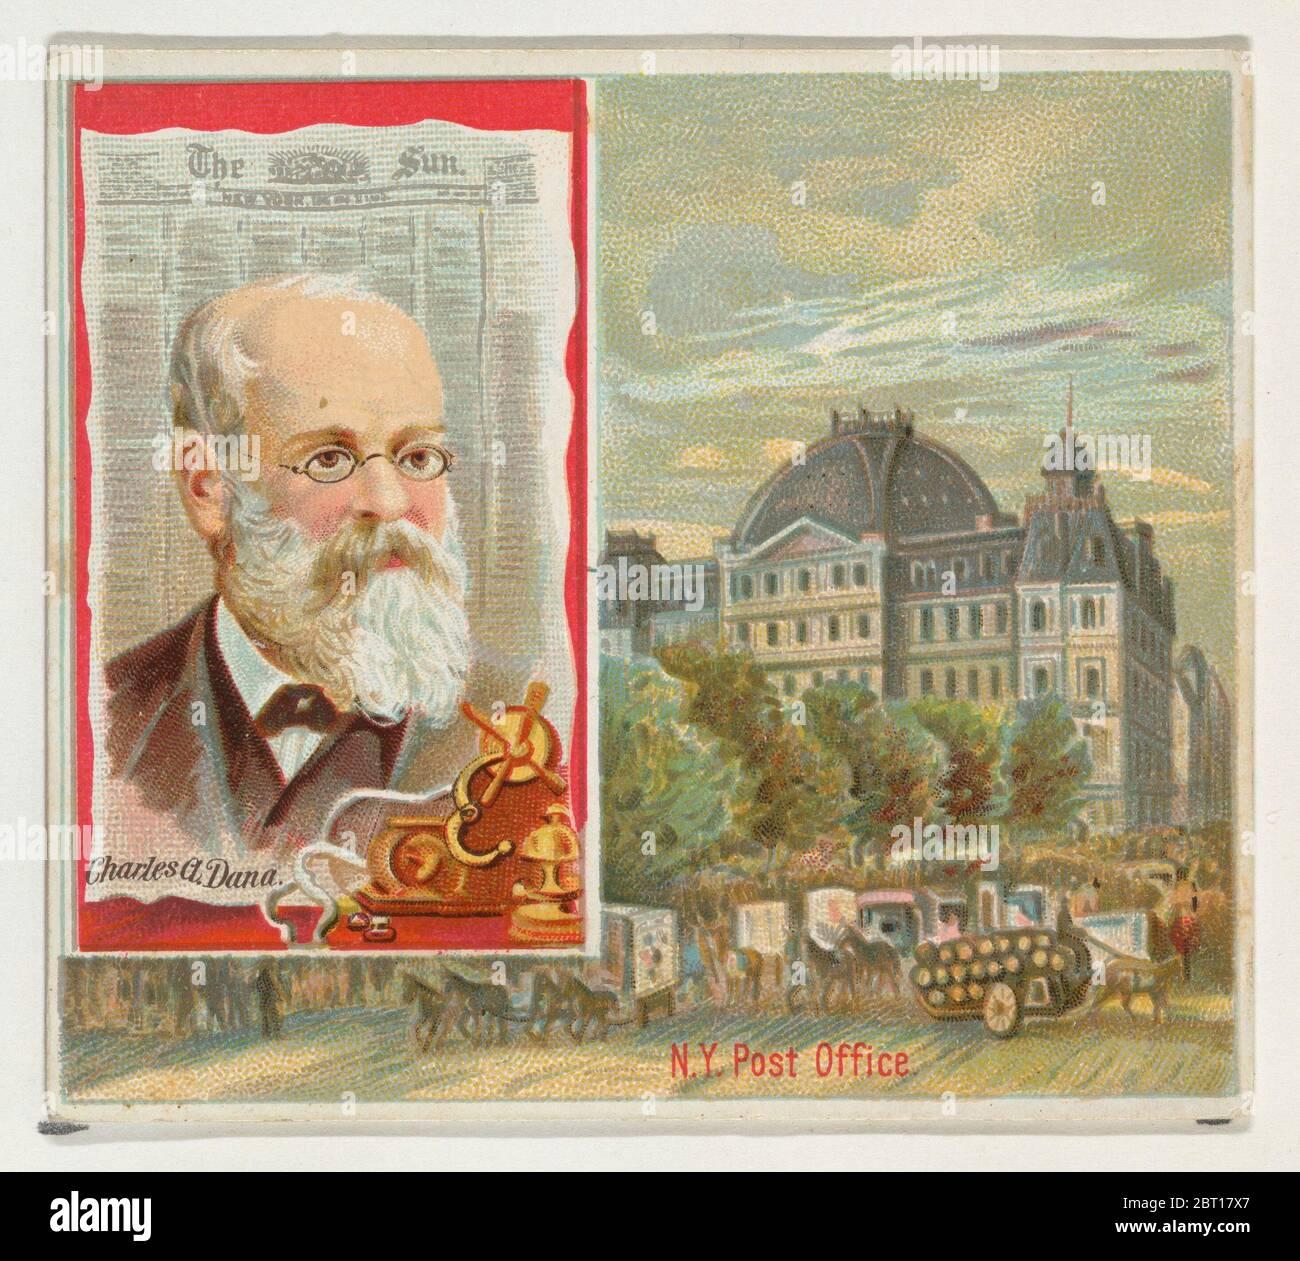 Charles A. Dana, The New York Sun, de la série des éditeurs américains (N35) pour Allen & amp ; Ginter cigarettes, 1887. Banque D'Images